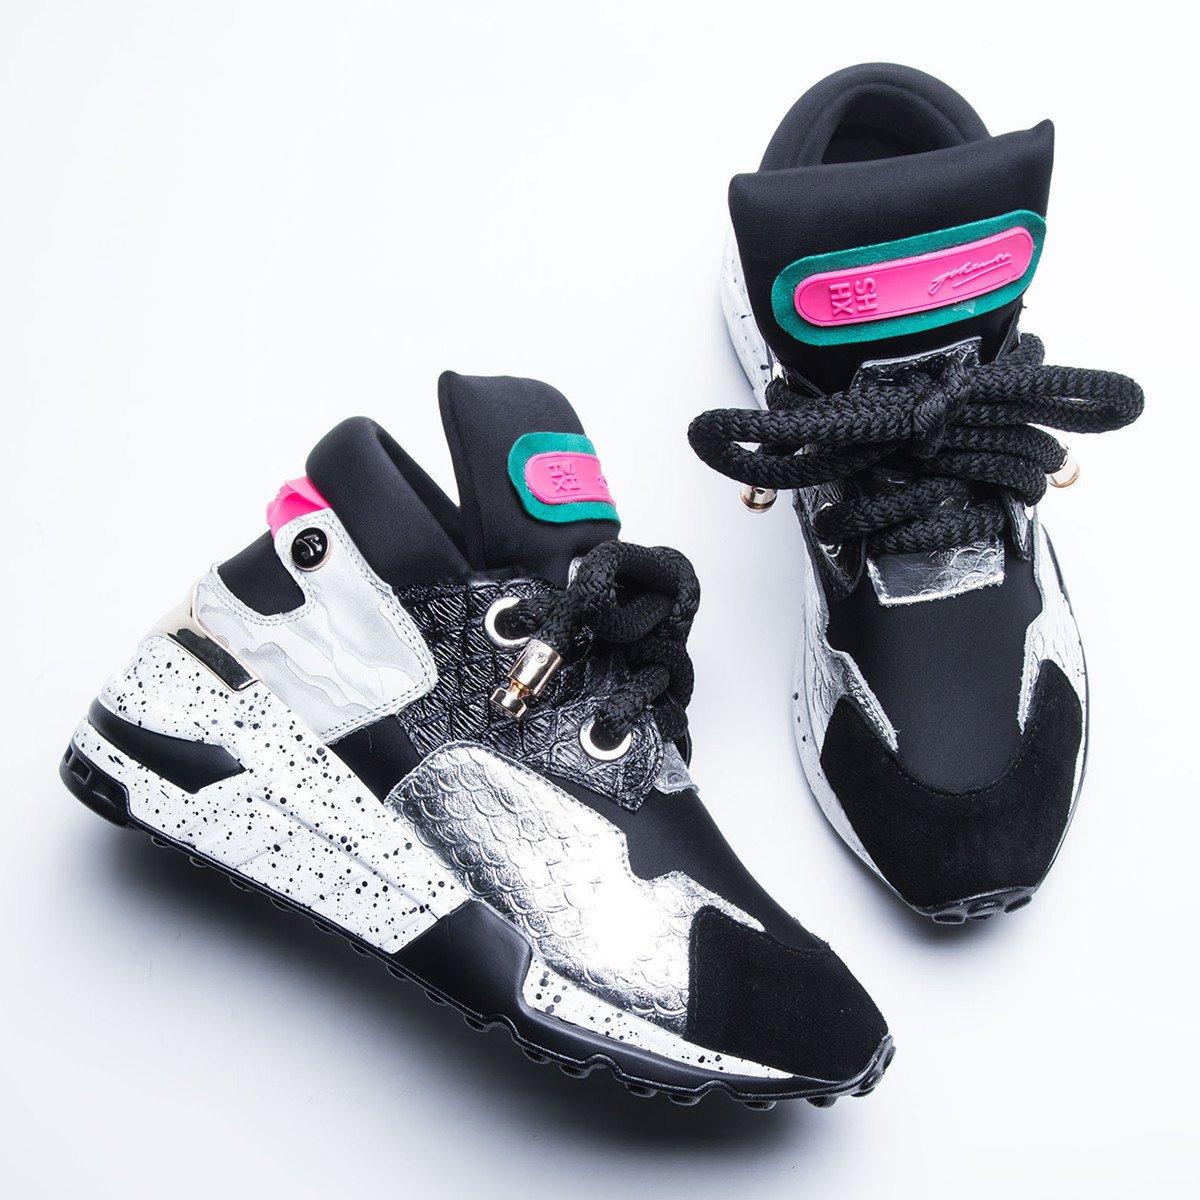 RoseG Damen Leder Schnürsenkel Freizeit Schuhe Mode Mode Mode Sneakers 311e98